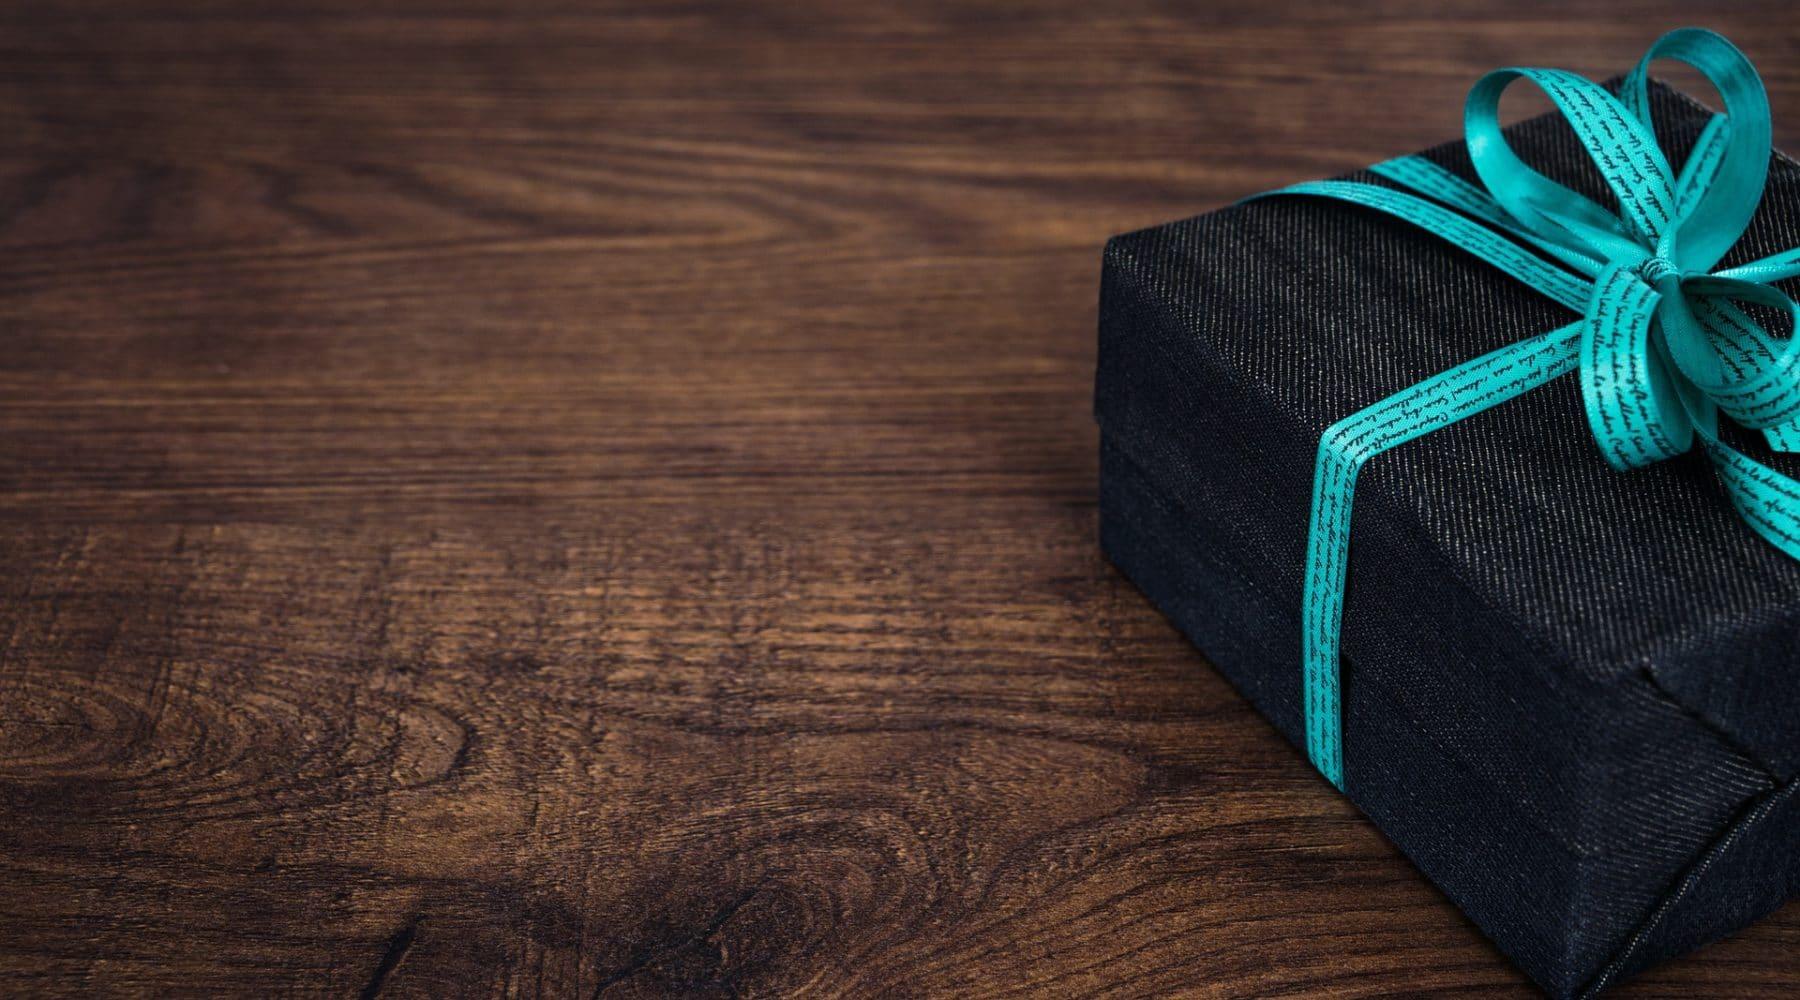 ein schön verpacktes Geschenk auf einem Holztisch